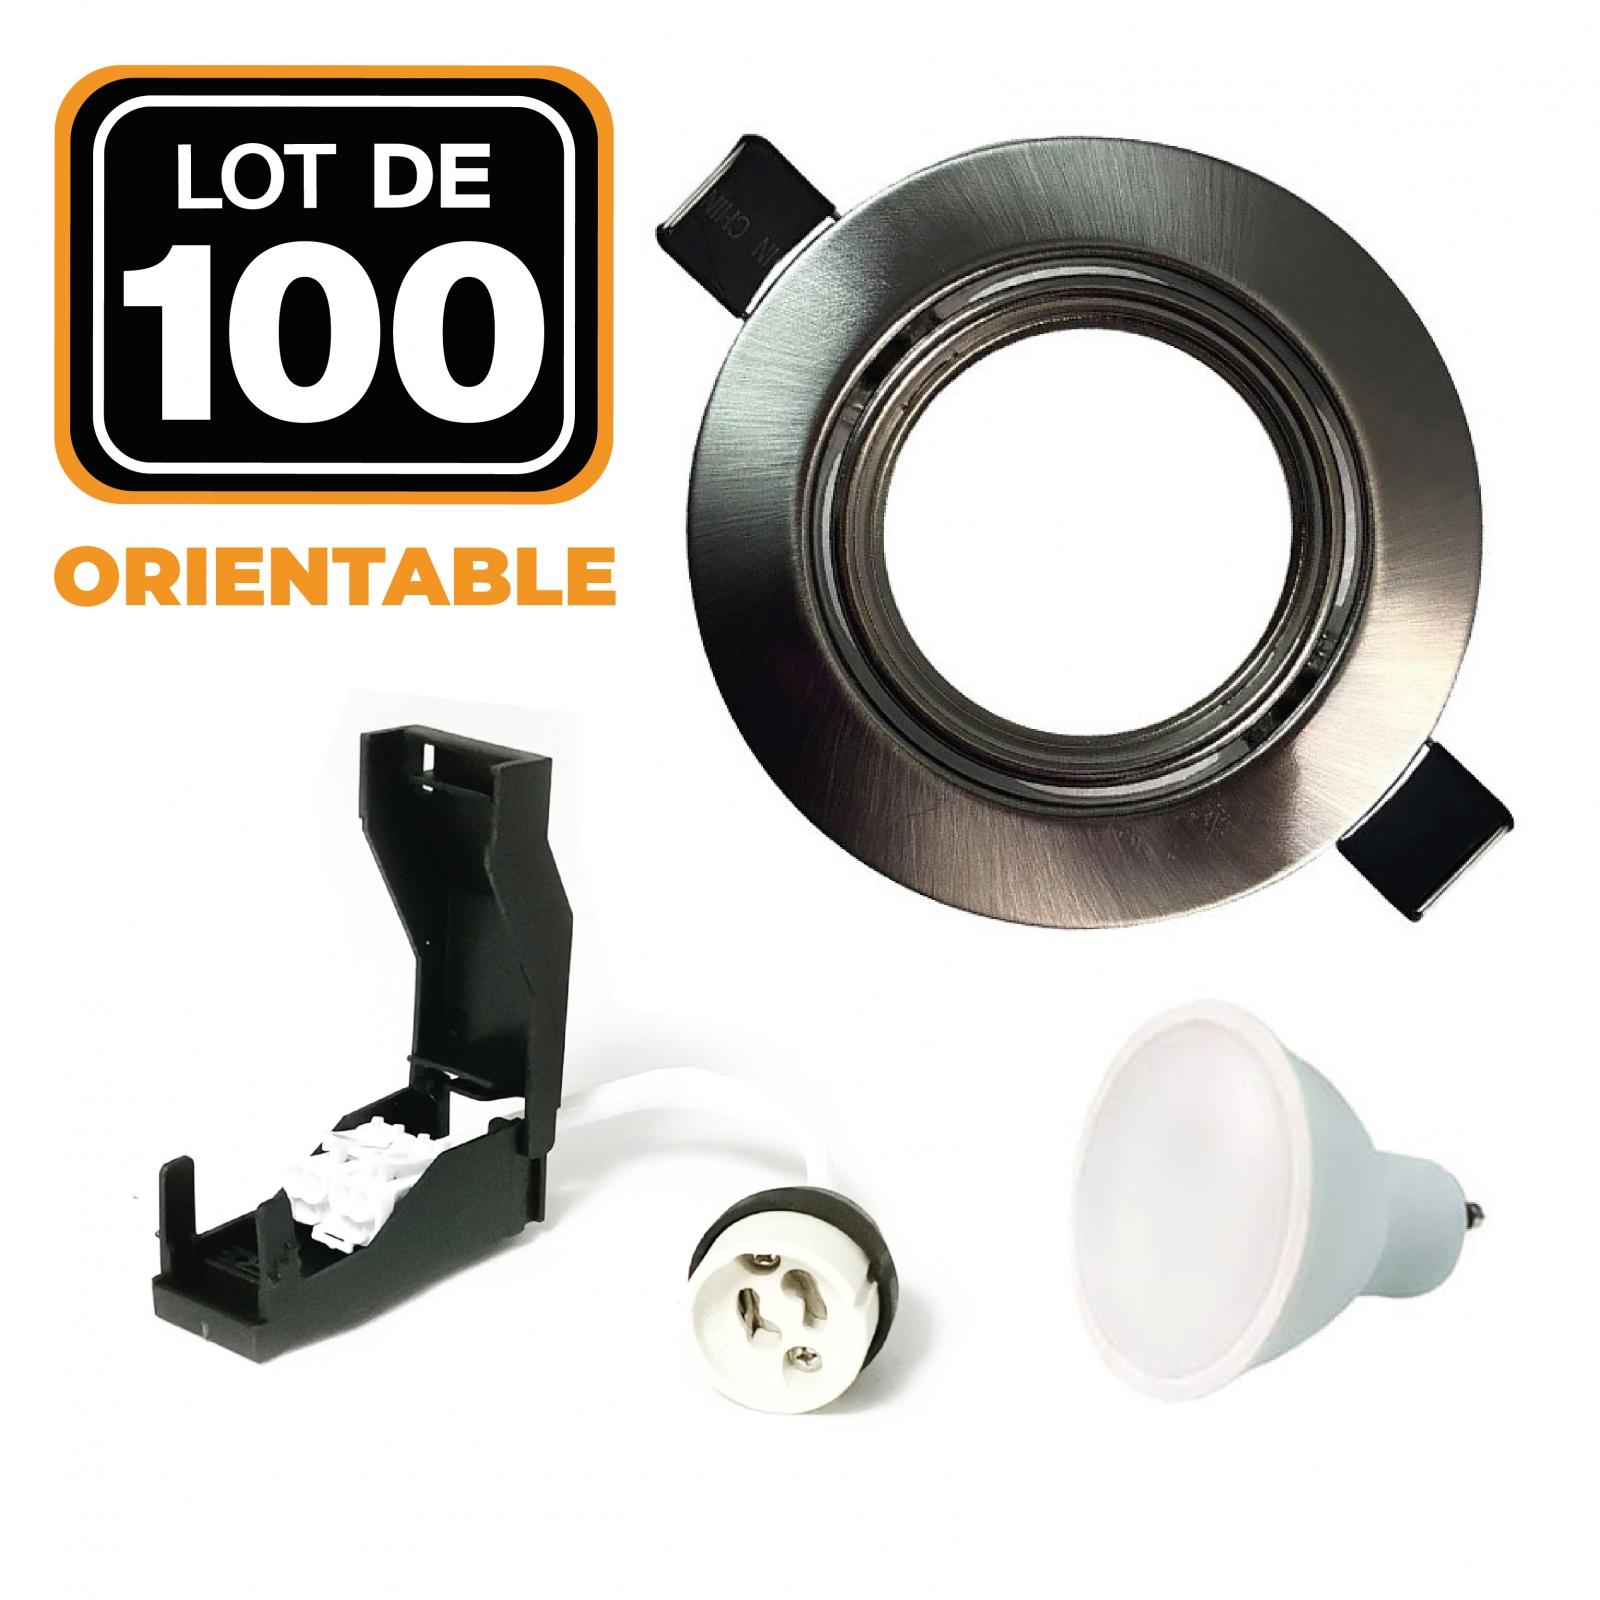 Lot de 100 Spots encastrable orientable ALU BROSSE avec GU10 LED de 7W eqv. 56W